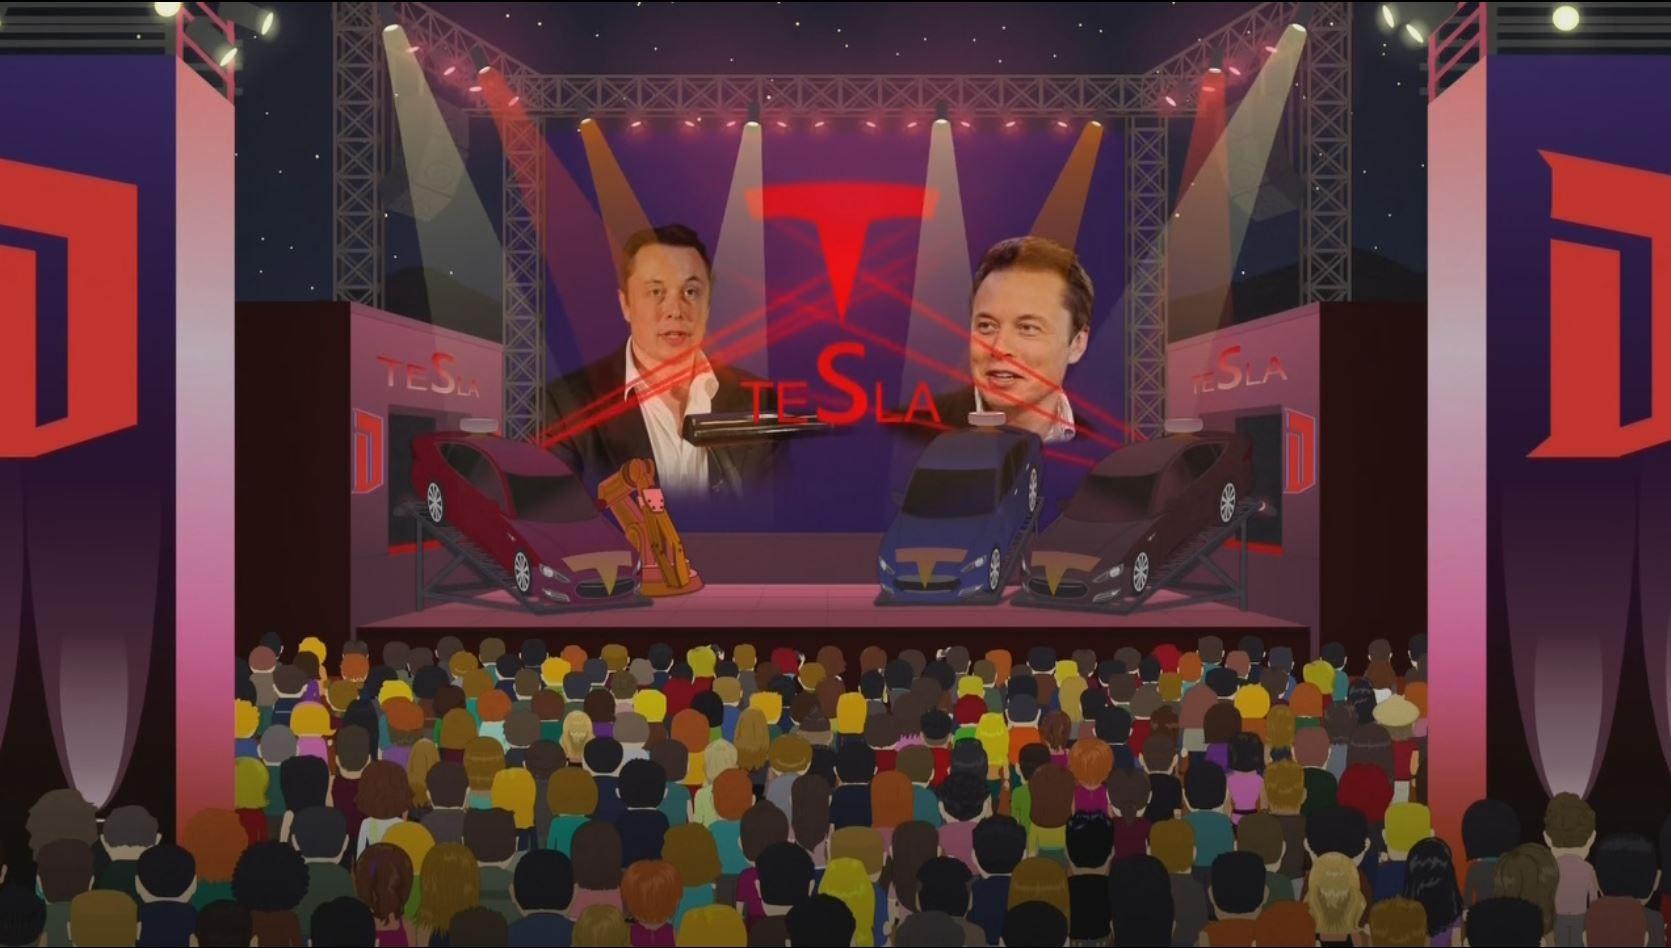 Elon_on_SouthPark1.JPG